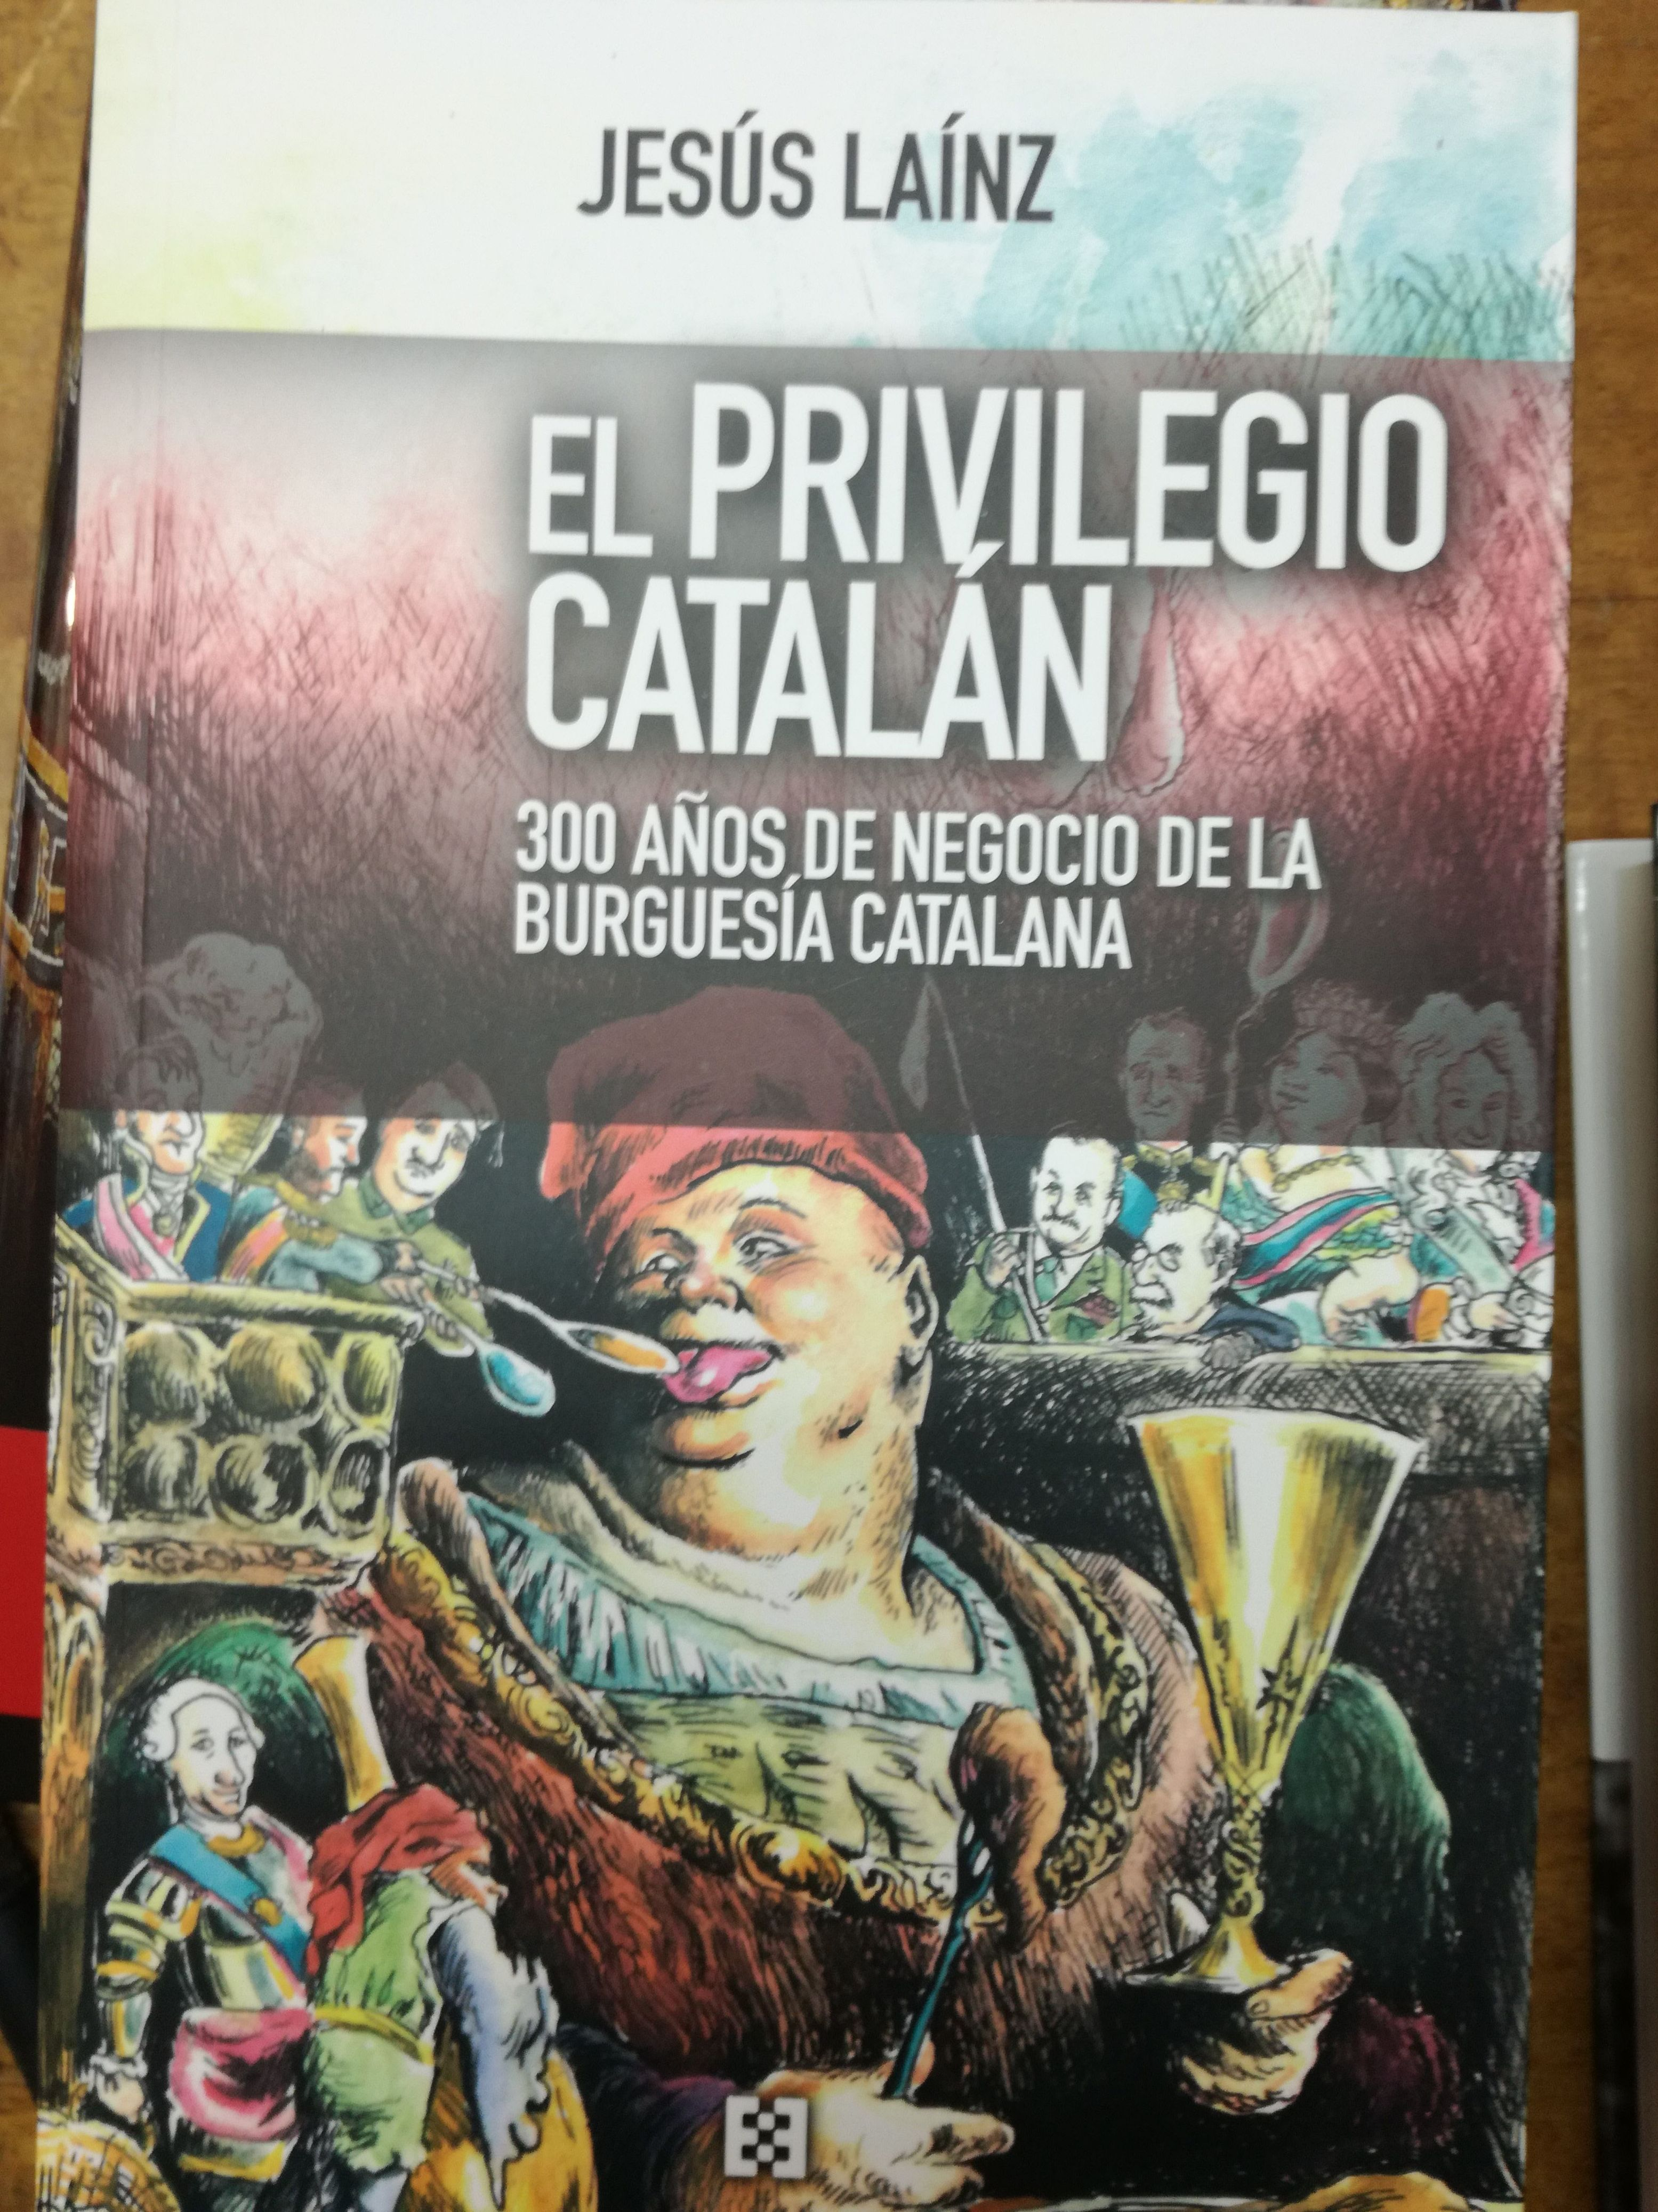 El privilegio Catalán: SECCIONES de Librería Nueva Plaza Universitaria